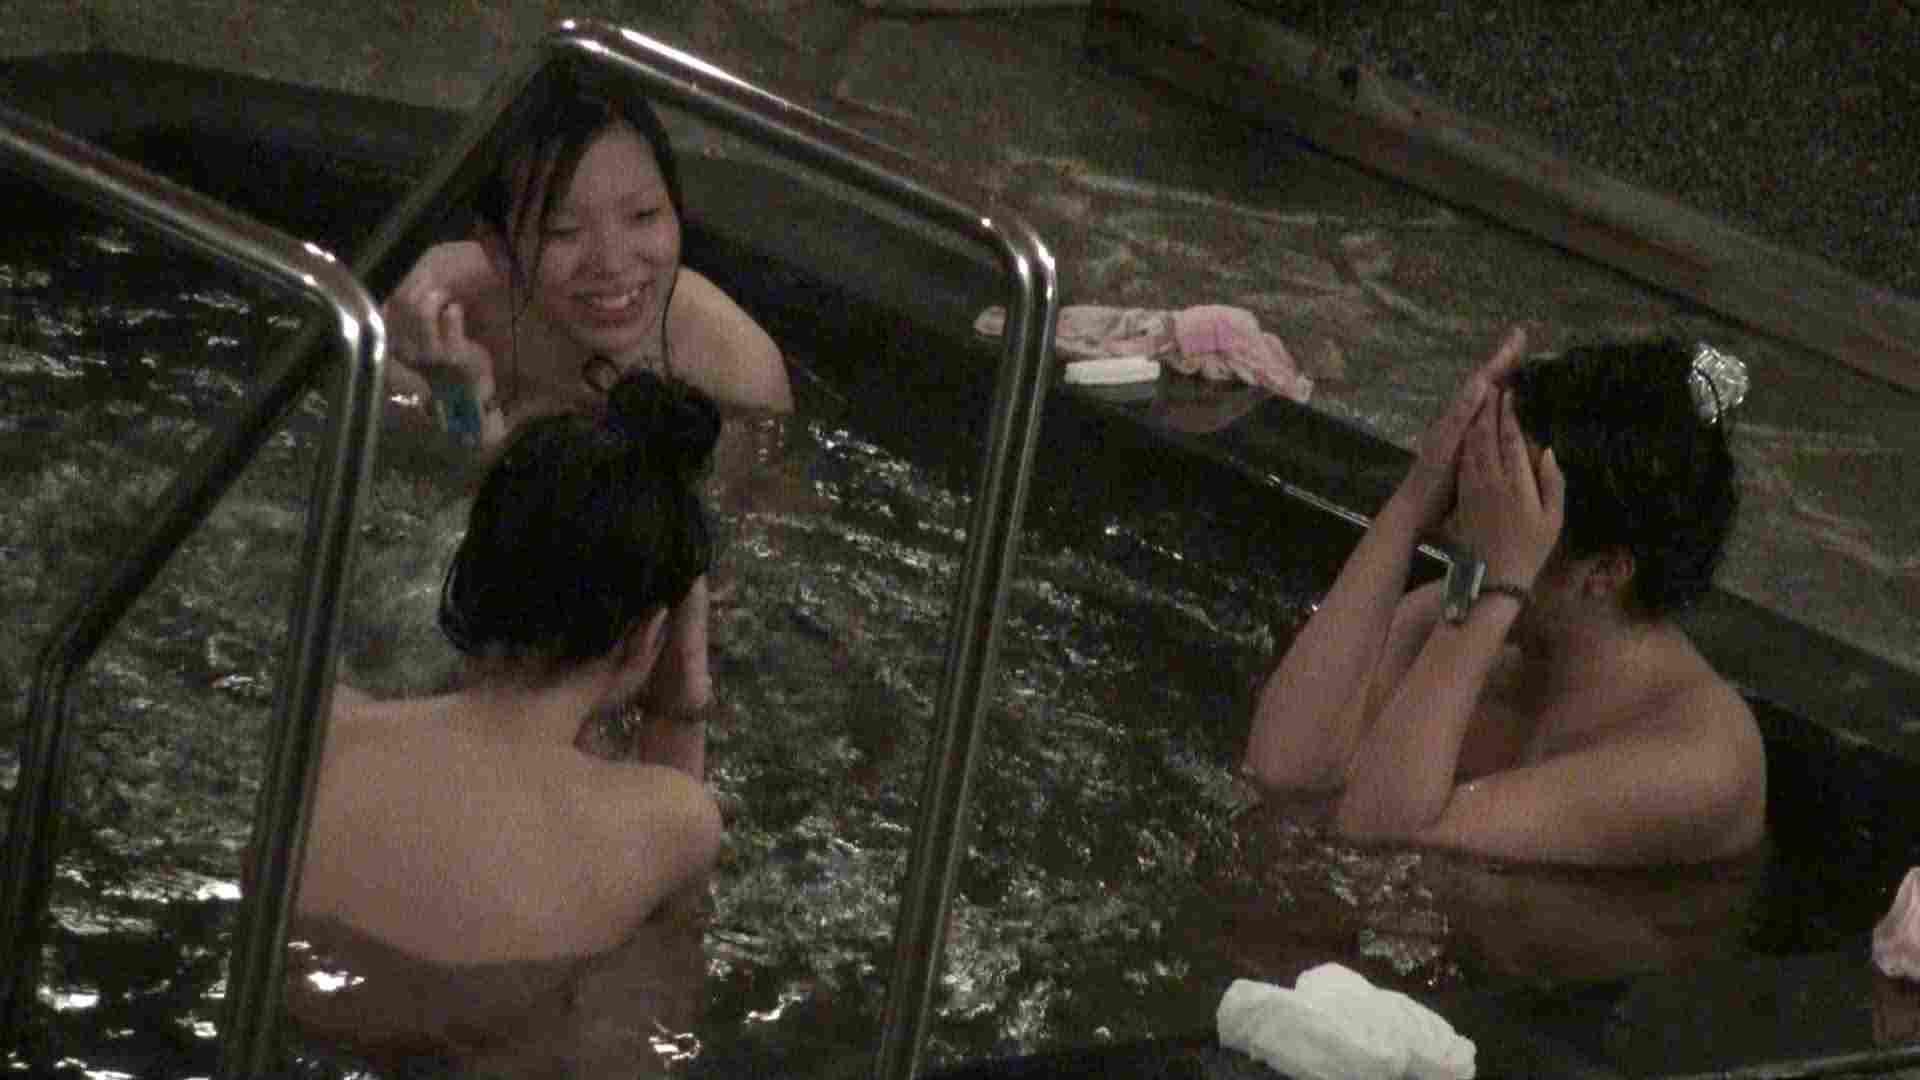 Aquaな露天風呂Vol.383 盗撮  103画像 6